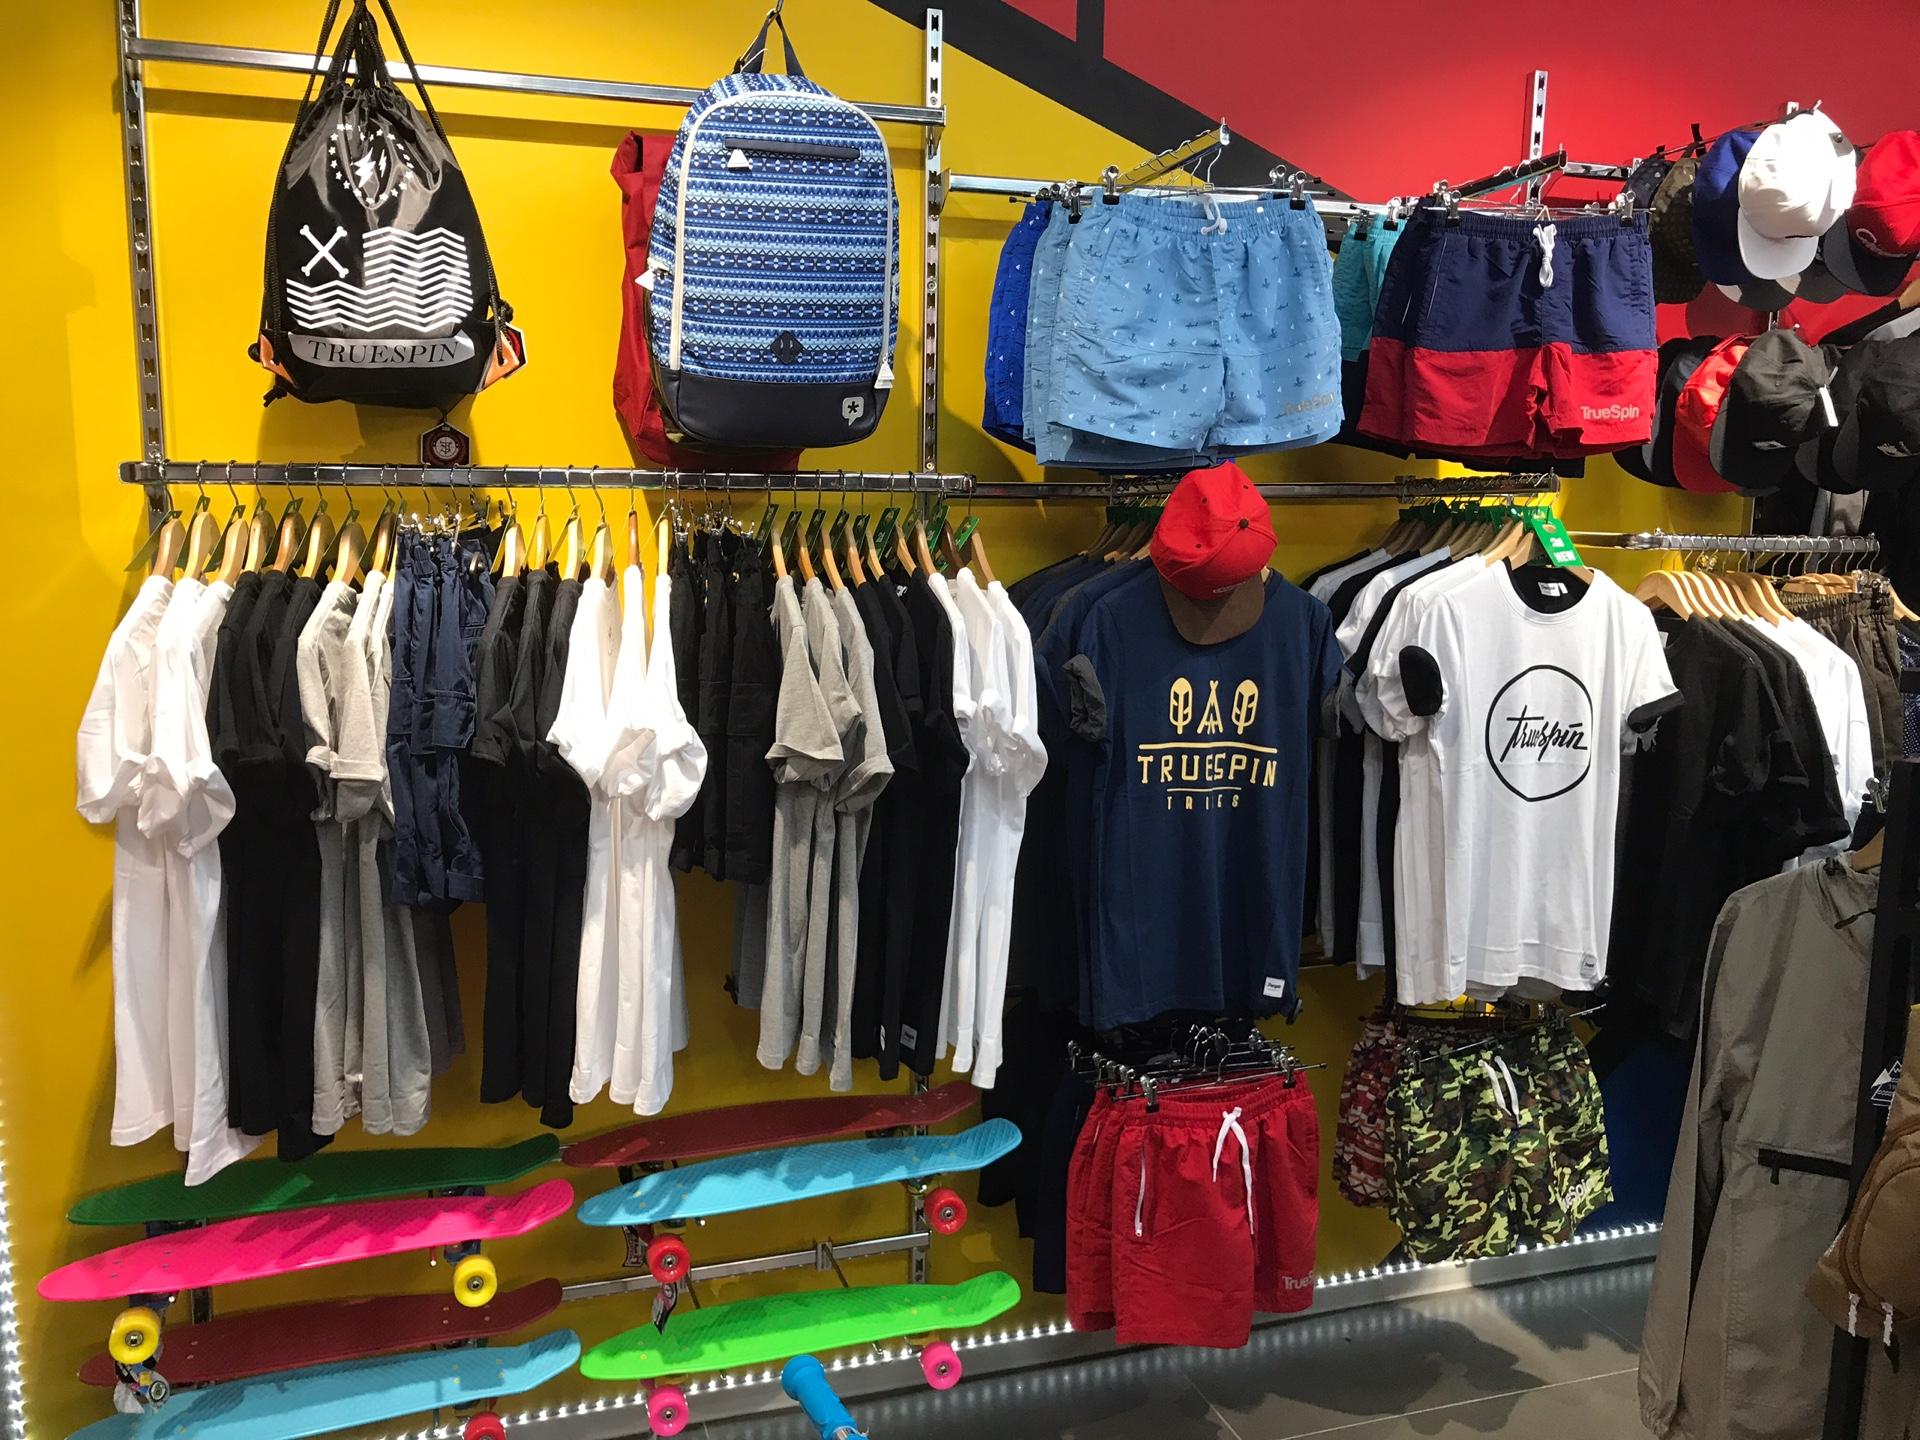 dc60fe116a8f ... привозим новые бренды, открываем магазины и стараемся обеспечить лучший  сервис. Но самое главное заключается в том, что мы не изменяем своим корням  и ...